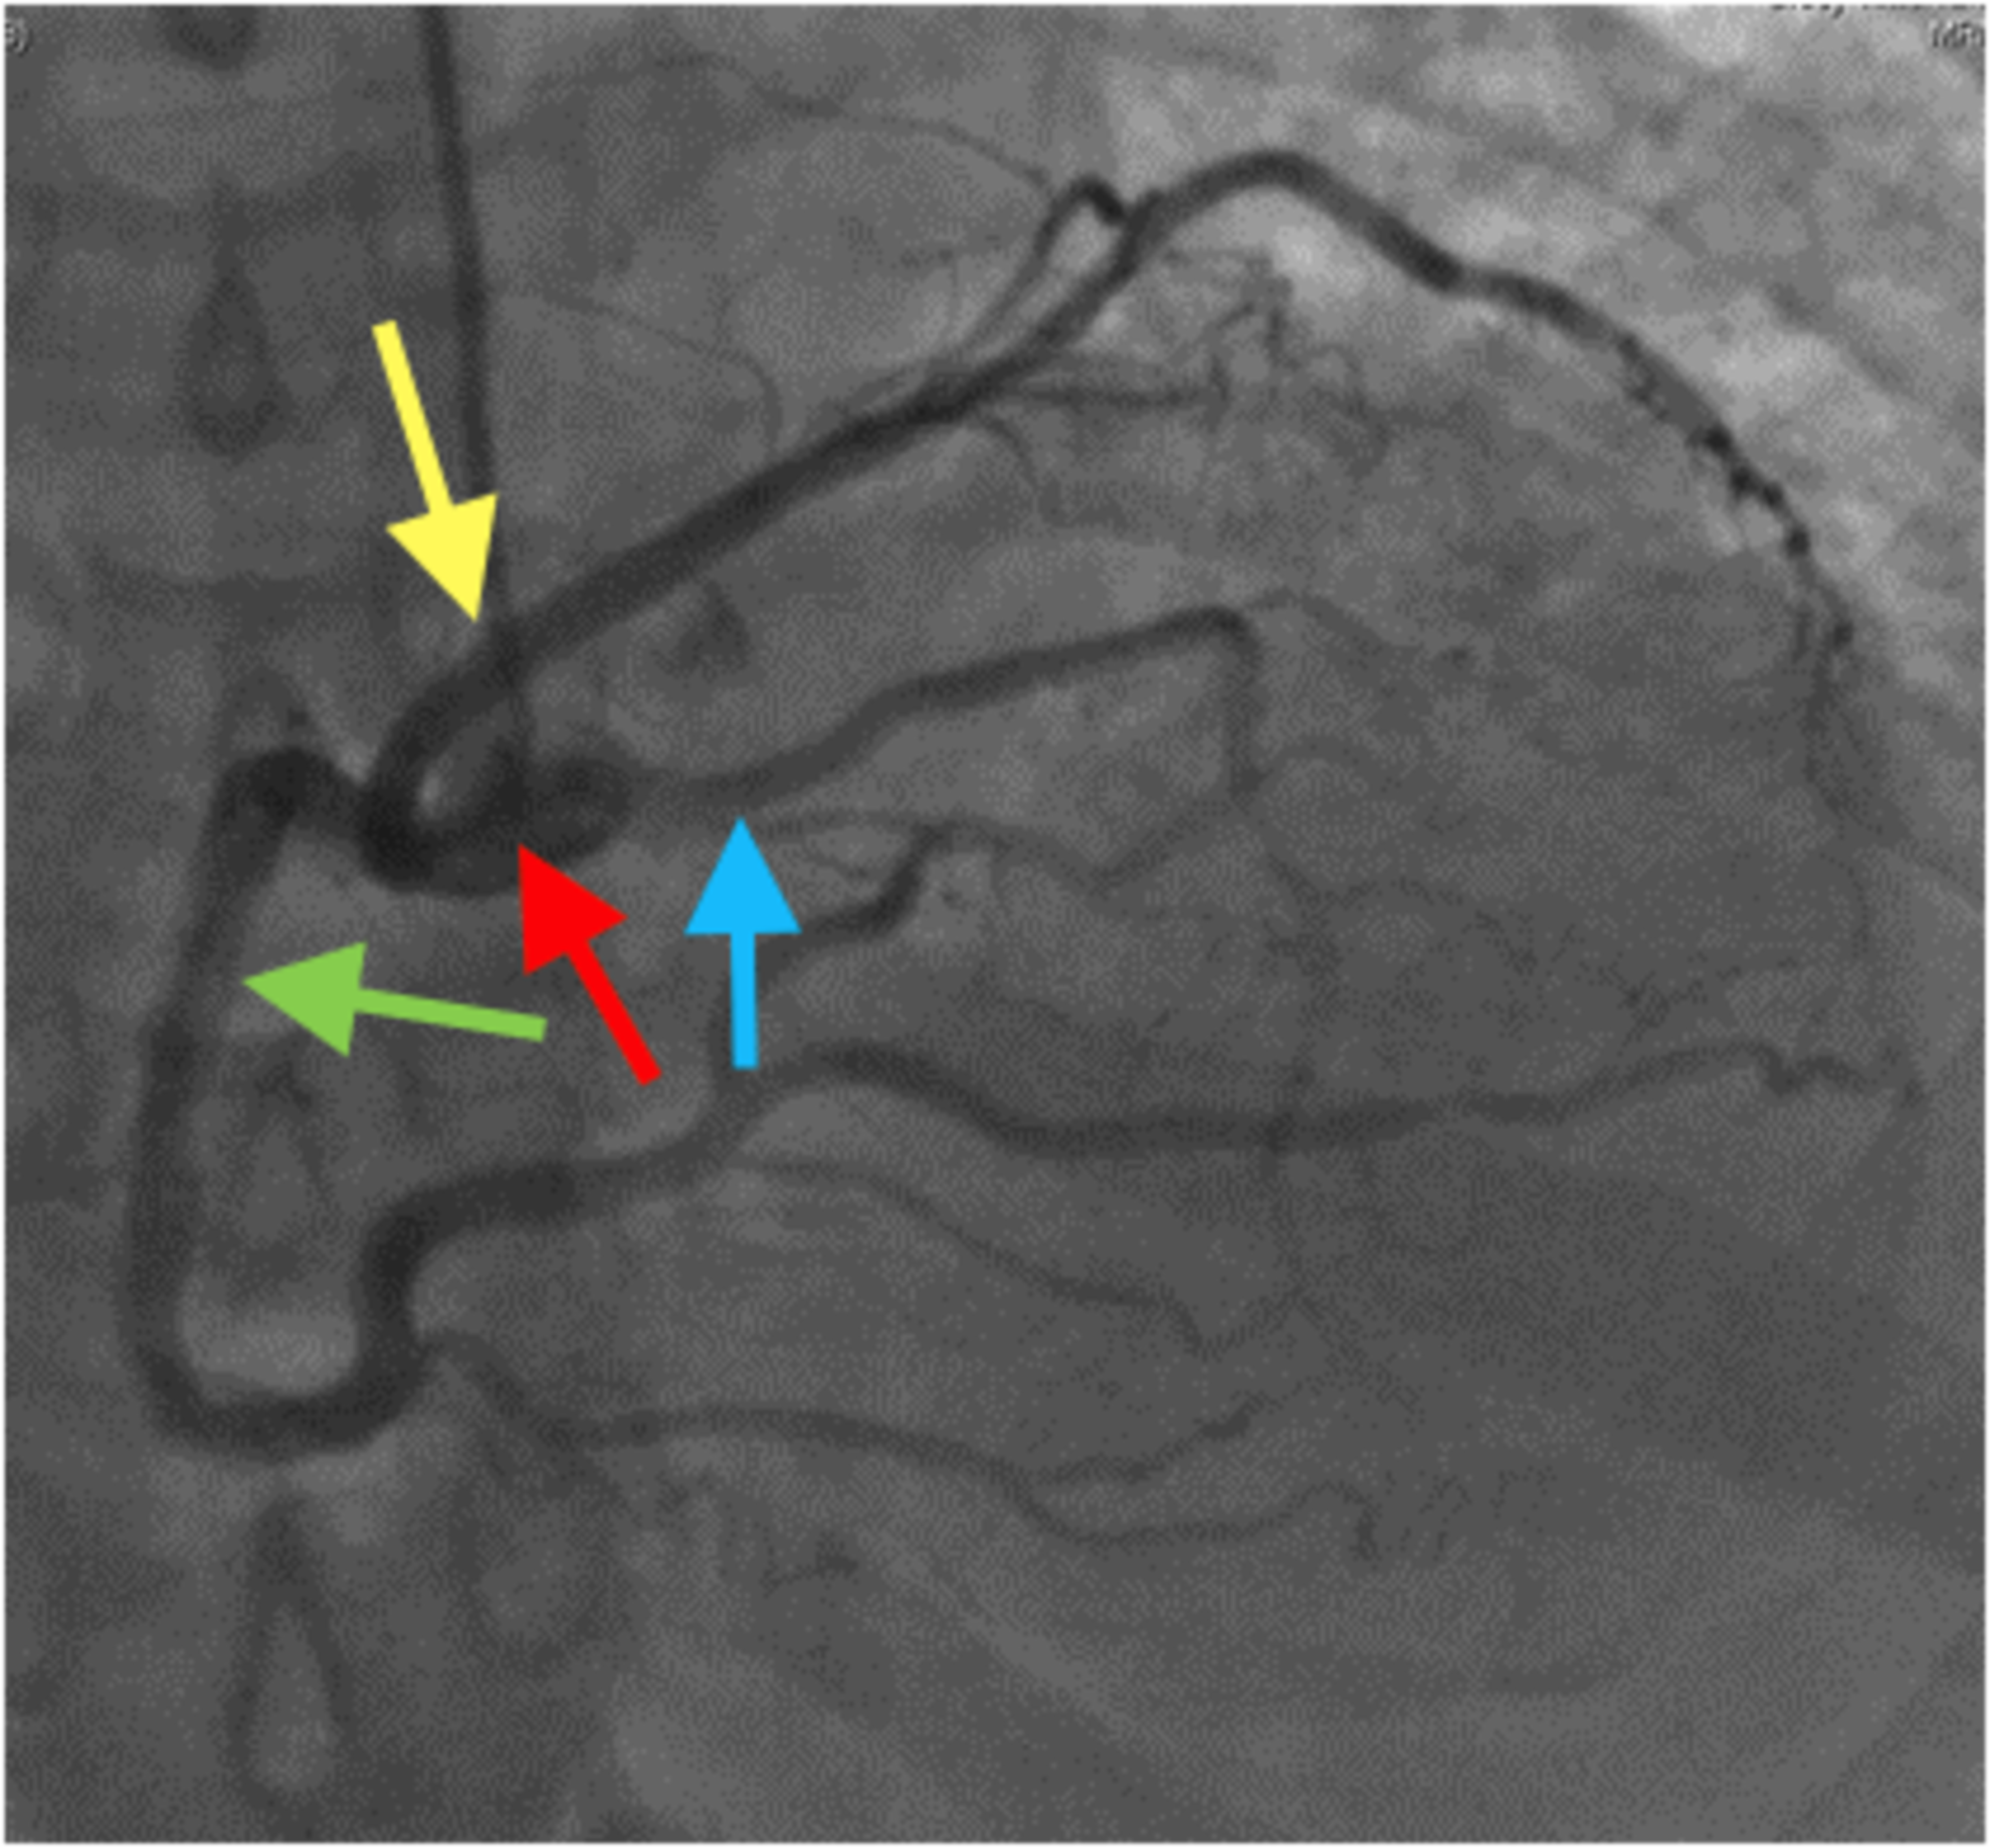 Cureus Anomalous Origin Of Coronary Arteries Arising From